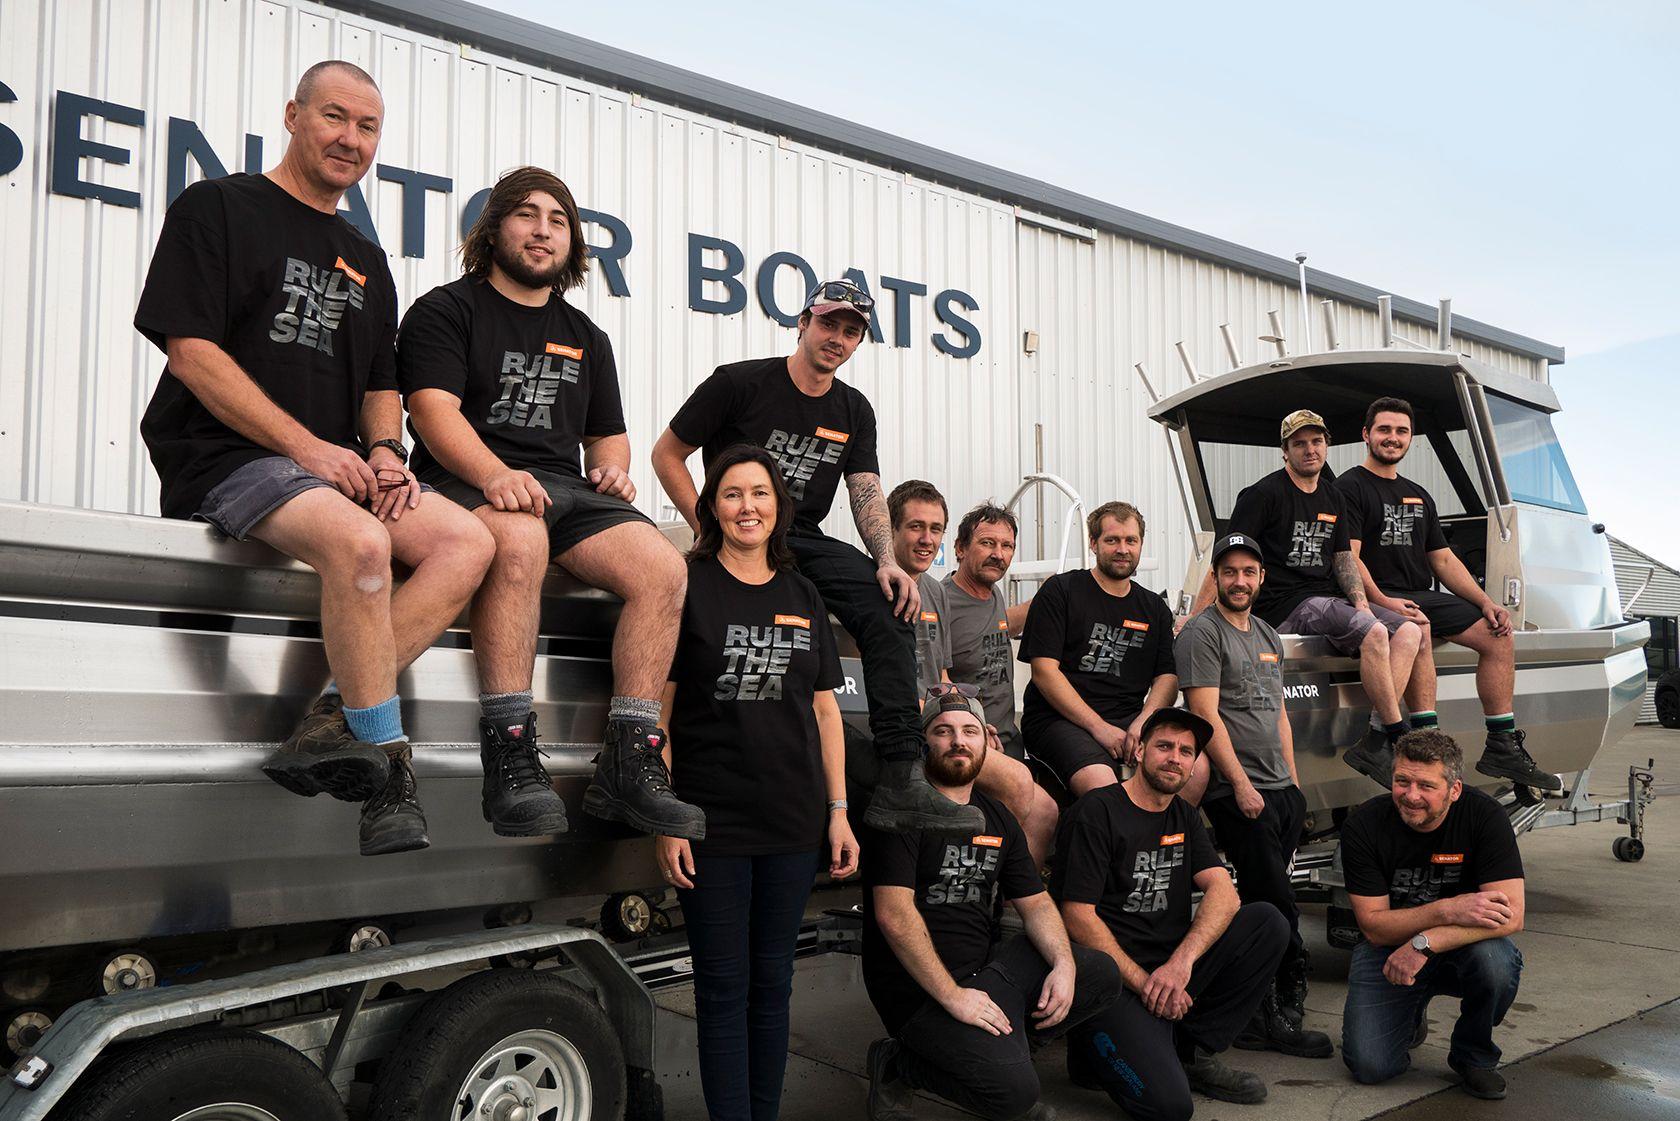 Senator Boats | Band